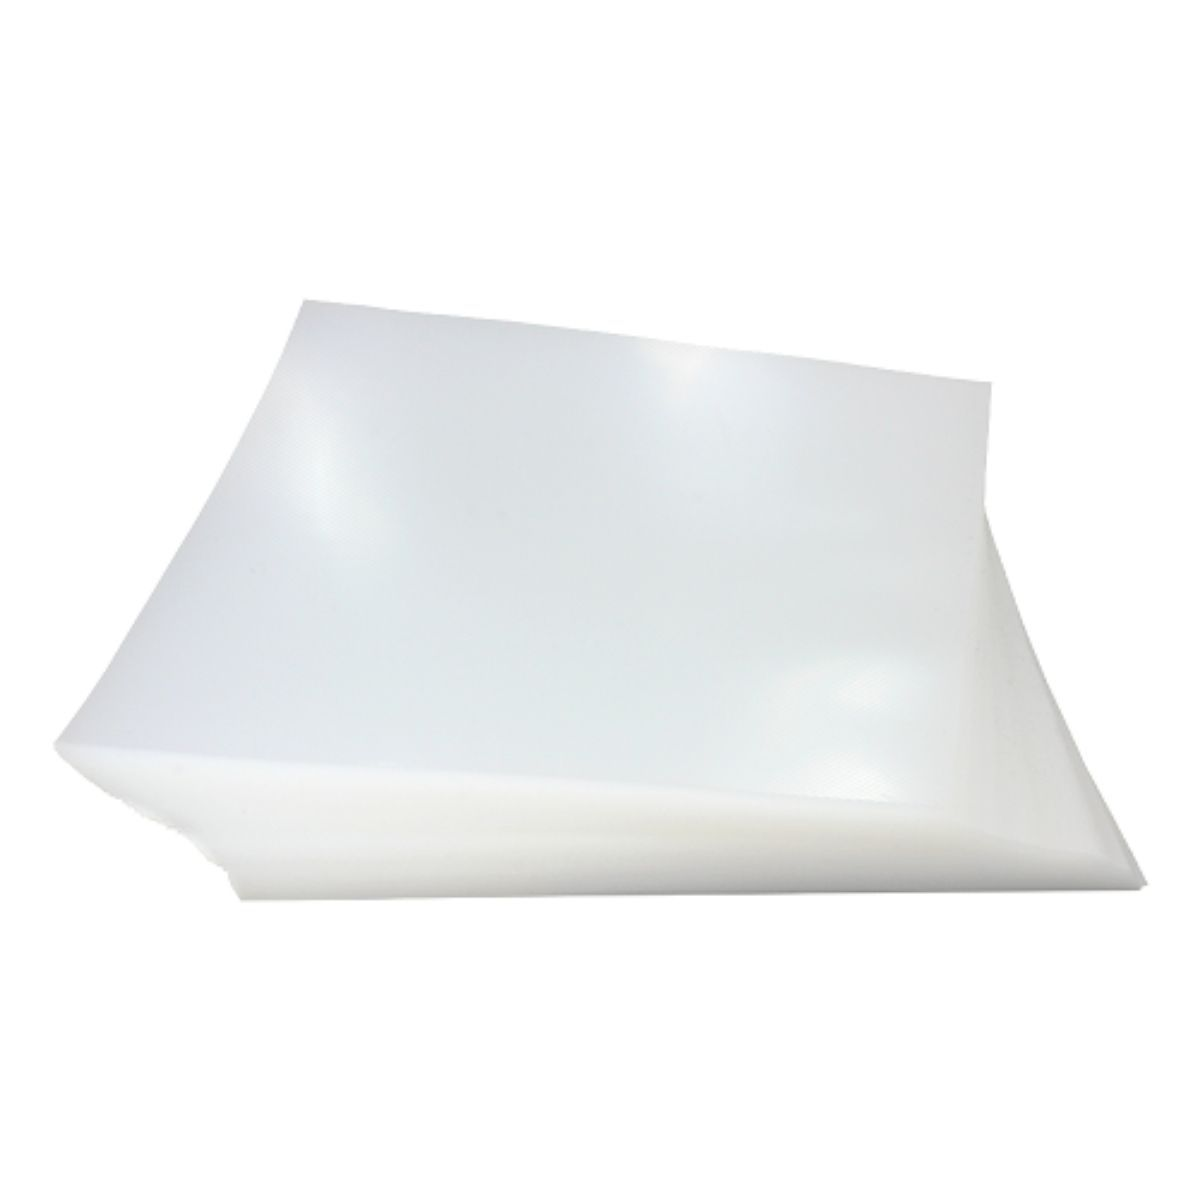 Kit 200 Capas e 12 Espirais Transparentes (Cristal) para Encadernação 50mm até 450 Folhas  - Click Suprimentos